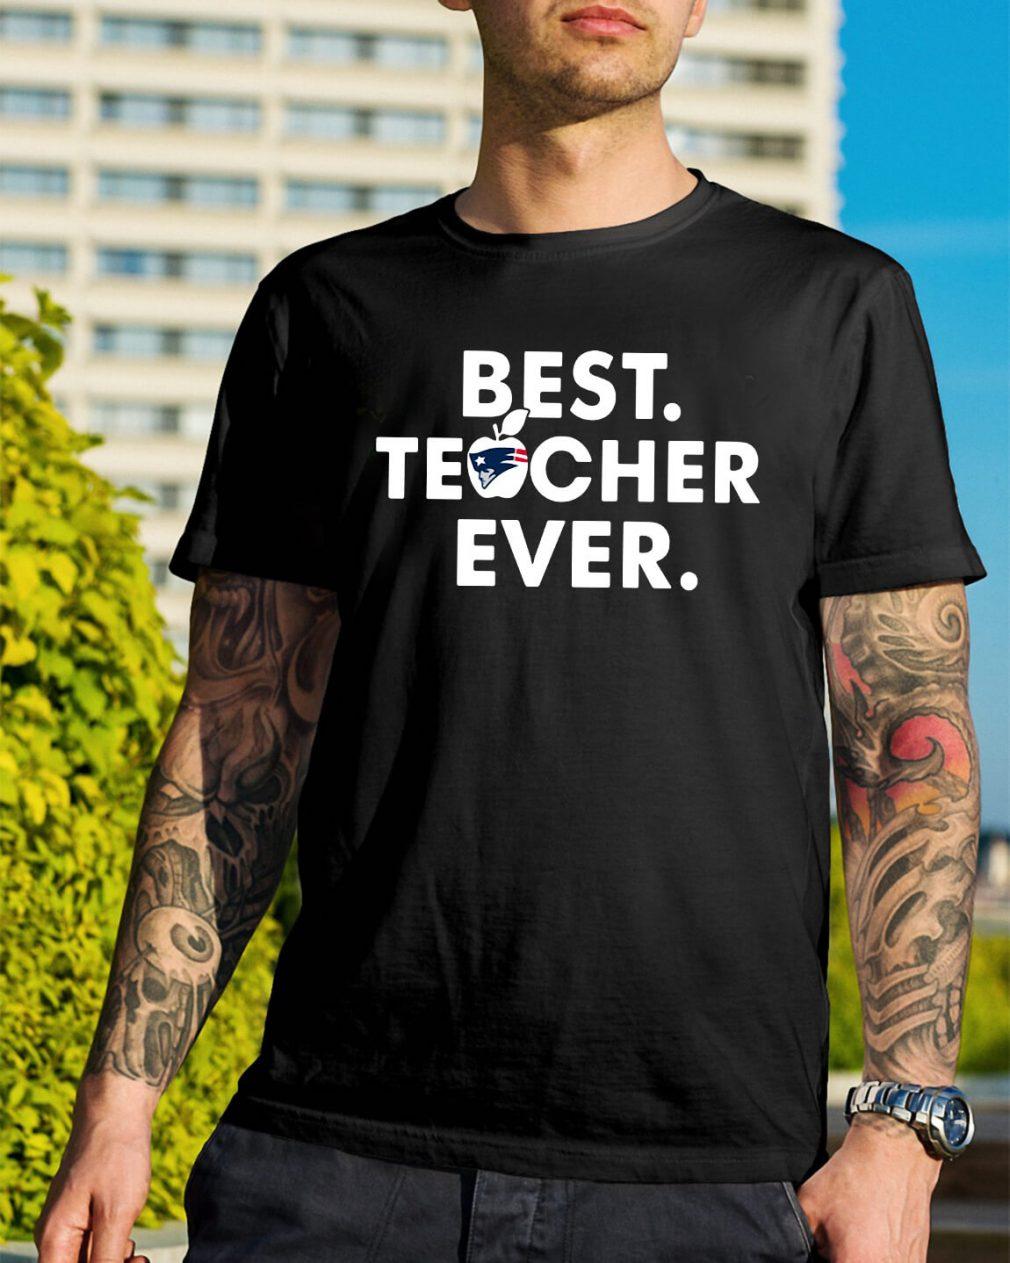 New England Patriots best teacher ever shirt